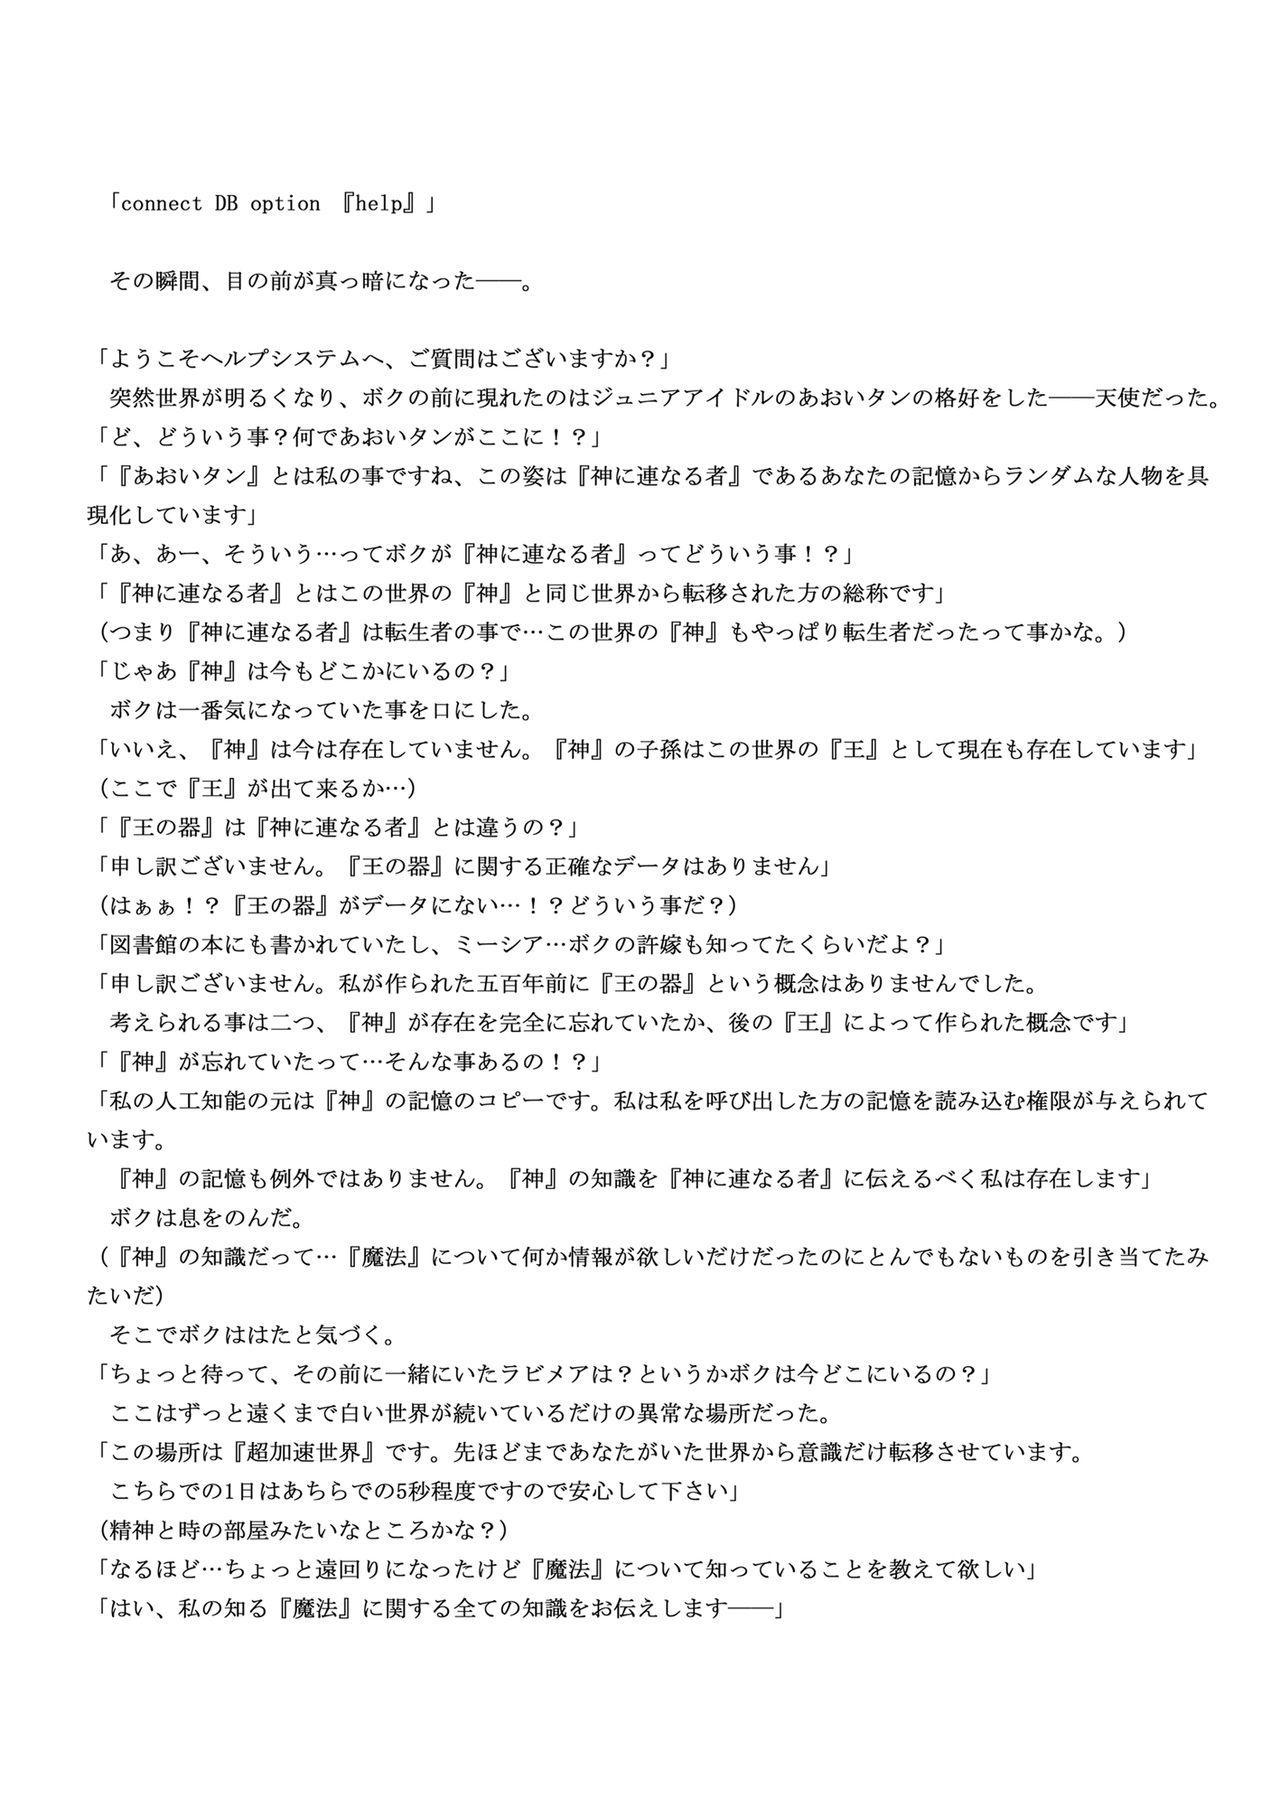 Boku no Risou no Isekai Seikatsu 8 3